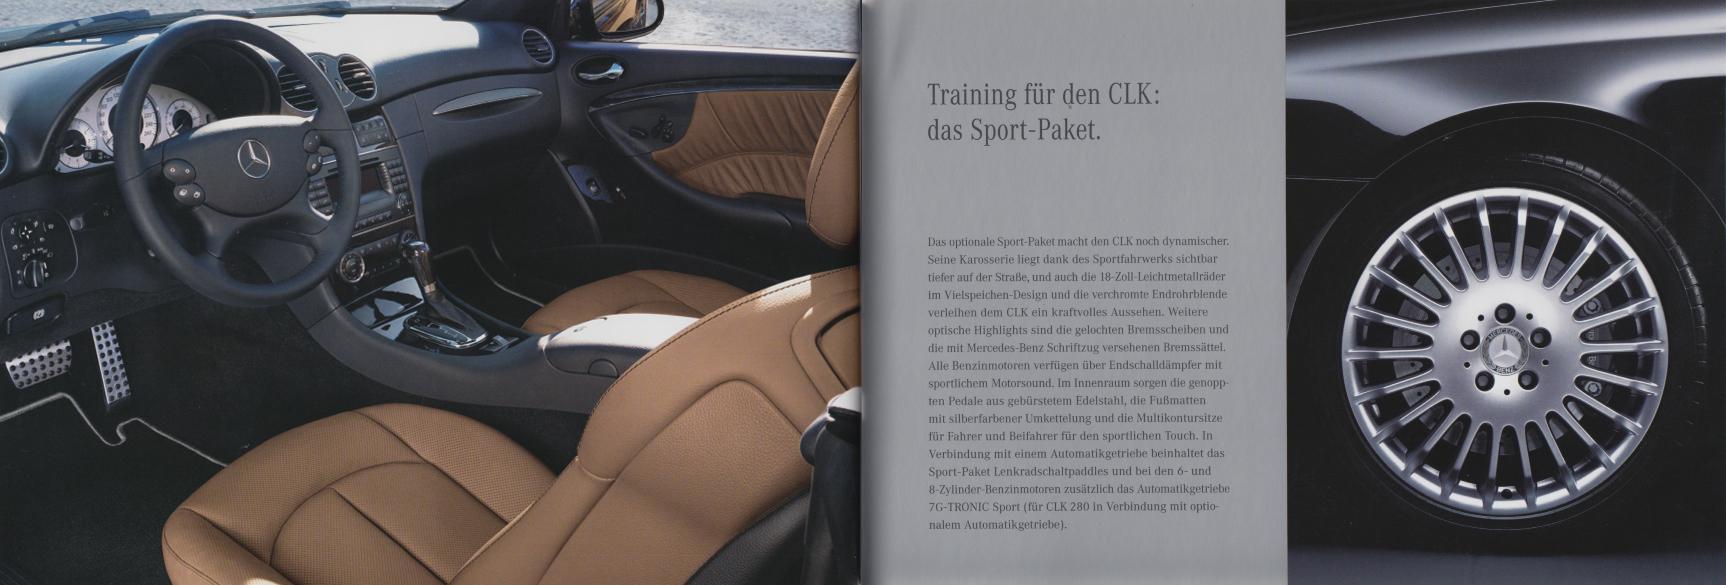 (A209): Catálogo 2008 - alemão 019